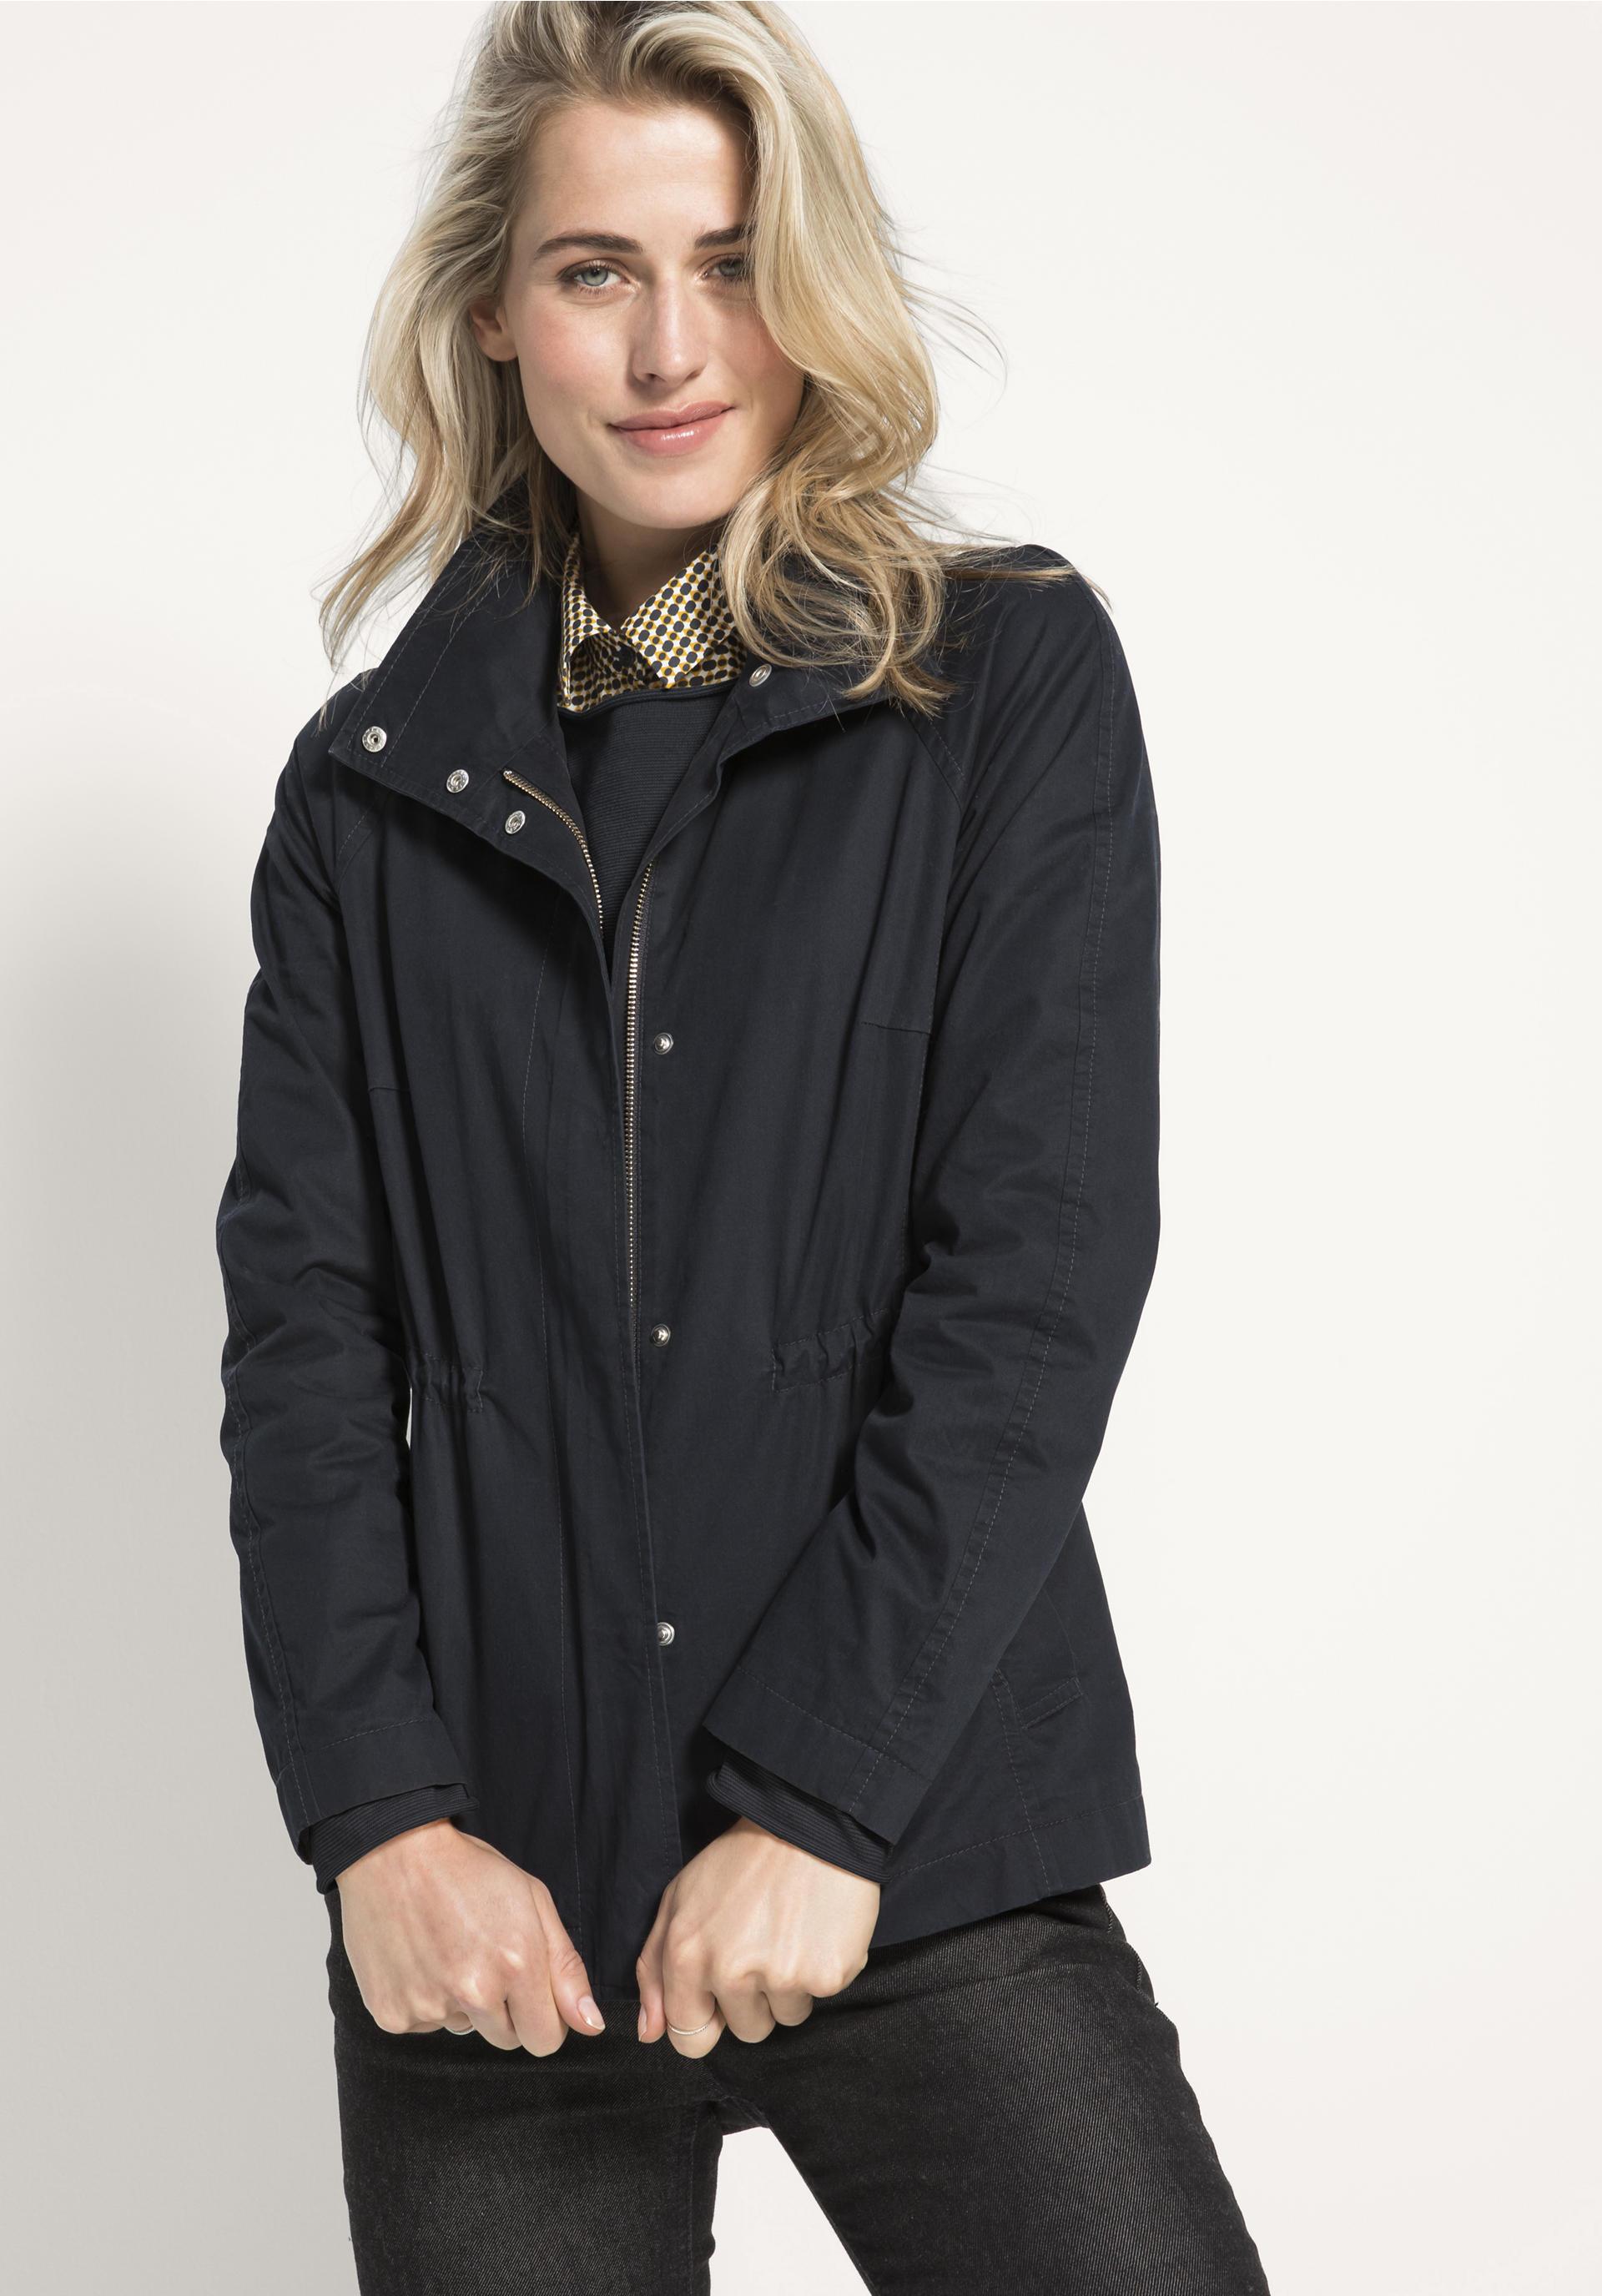 Jacke aus reiner Bio Baumwolle von hessnatur